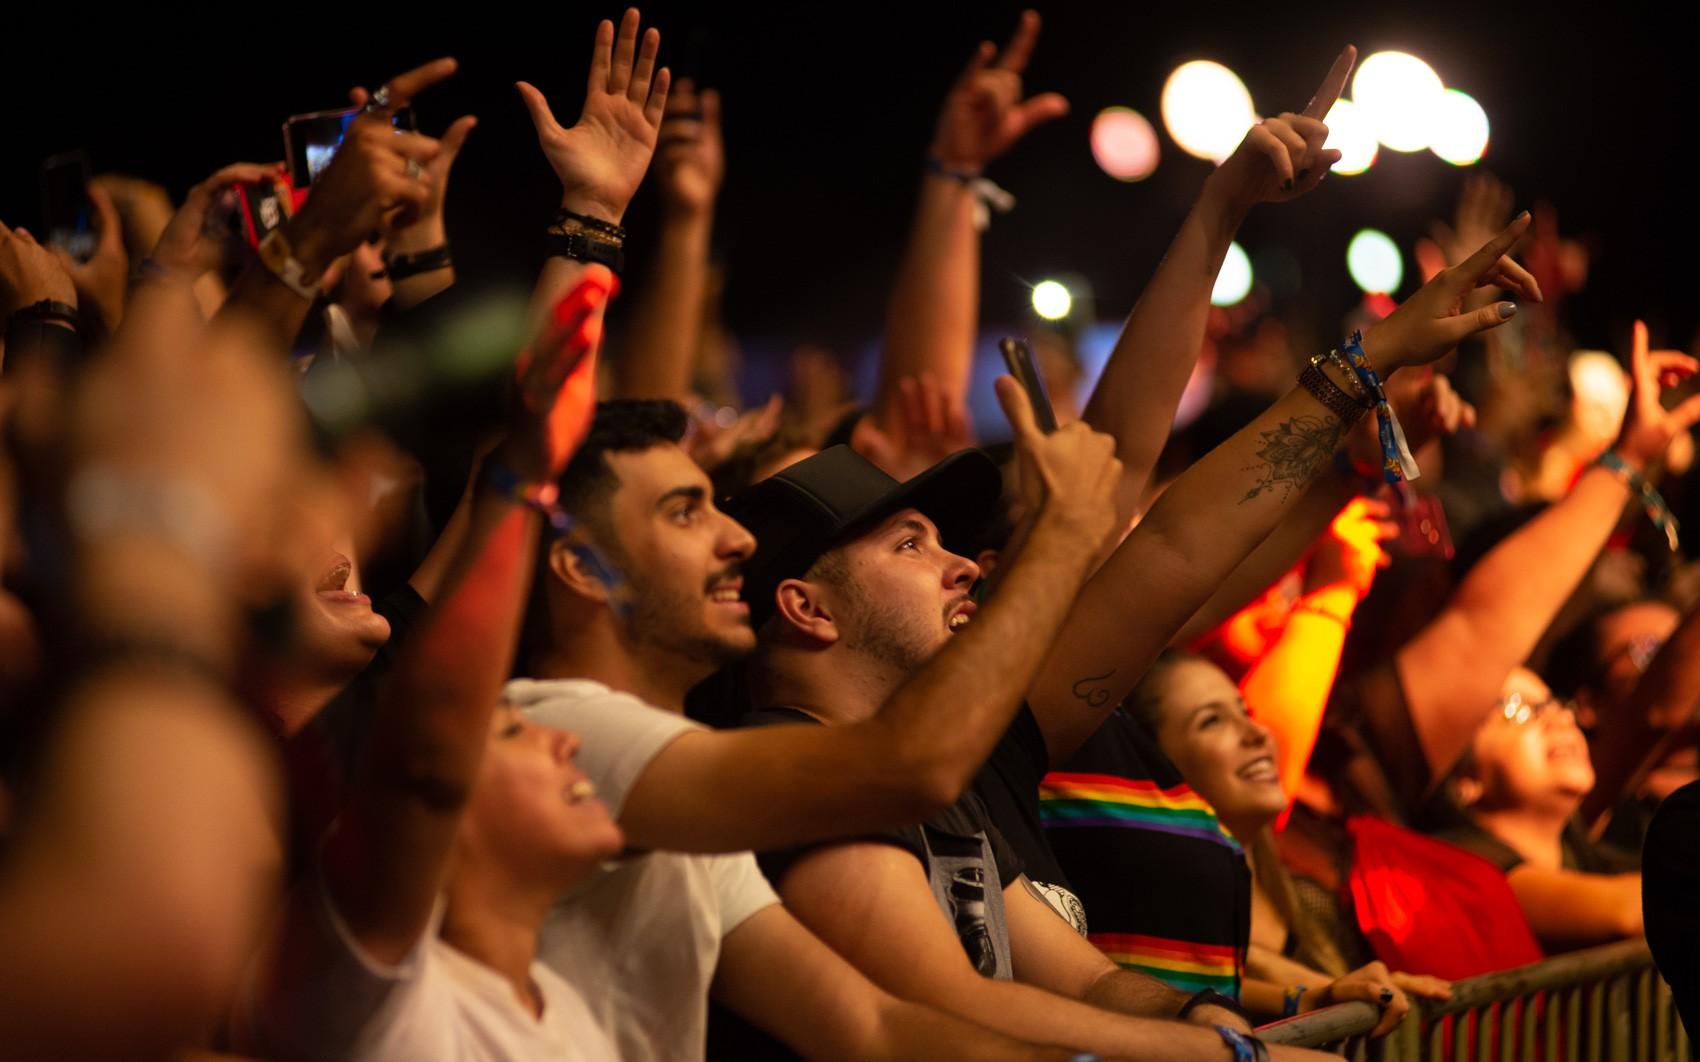 João Rock 2019: Veja o resumo dos shows e fotos do palco principal do festival em Ribeirão Preto  - Noticias